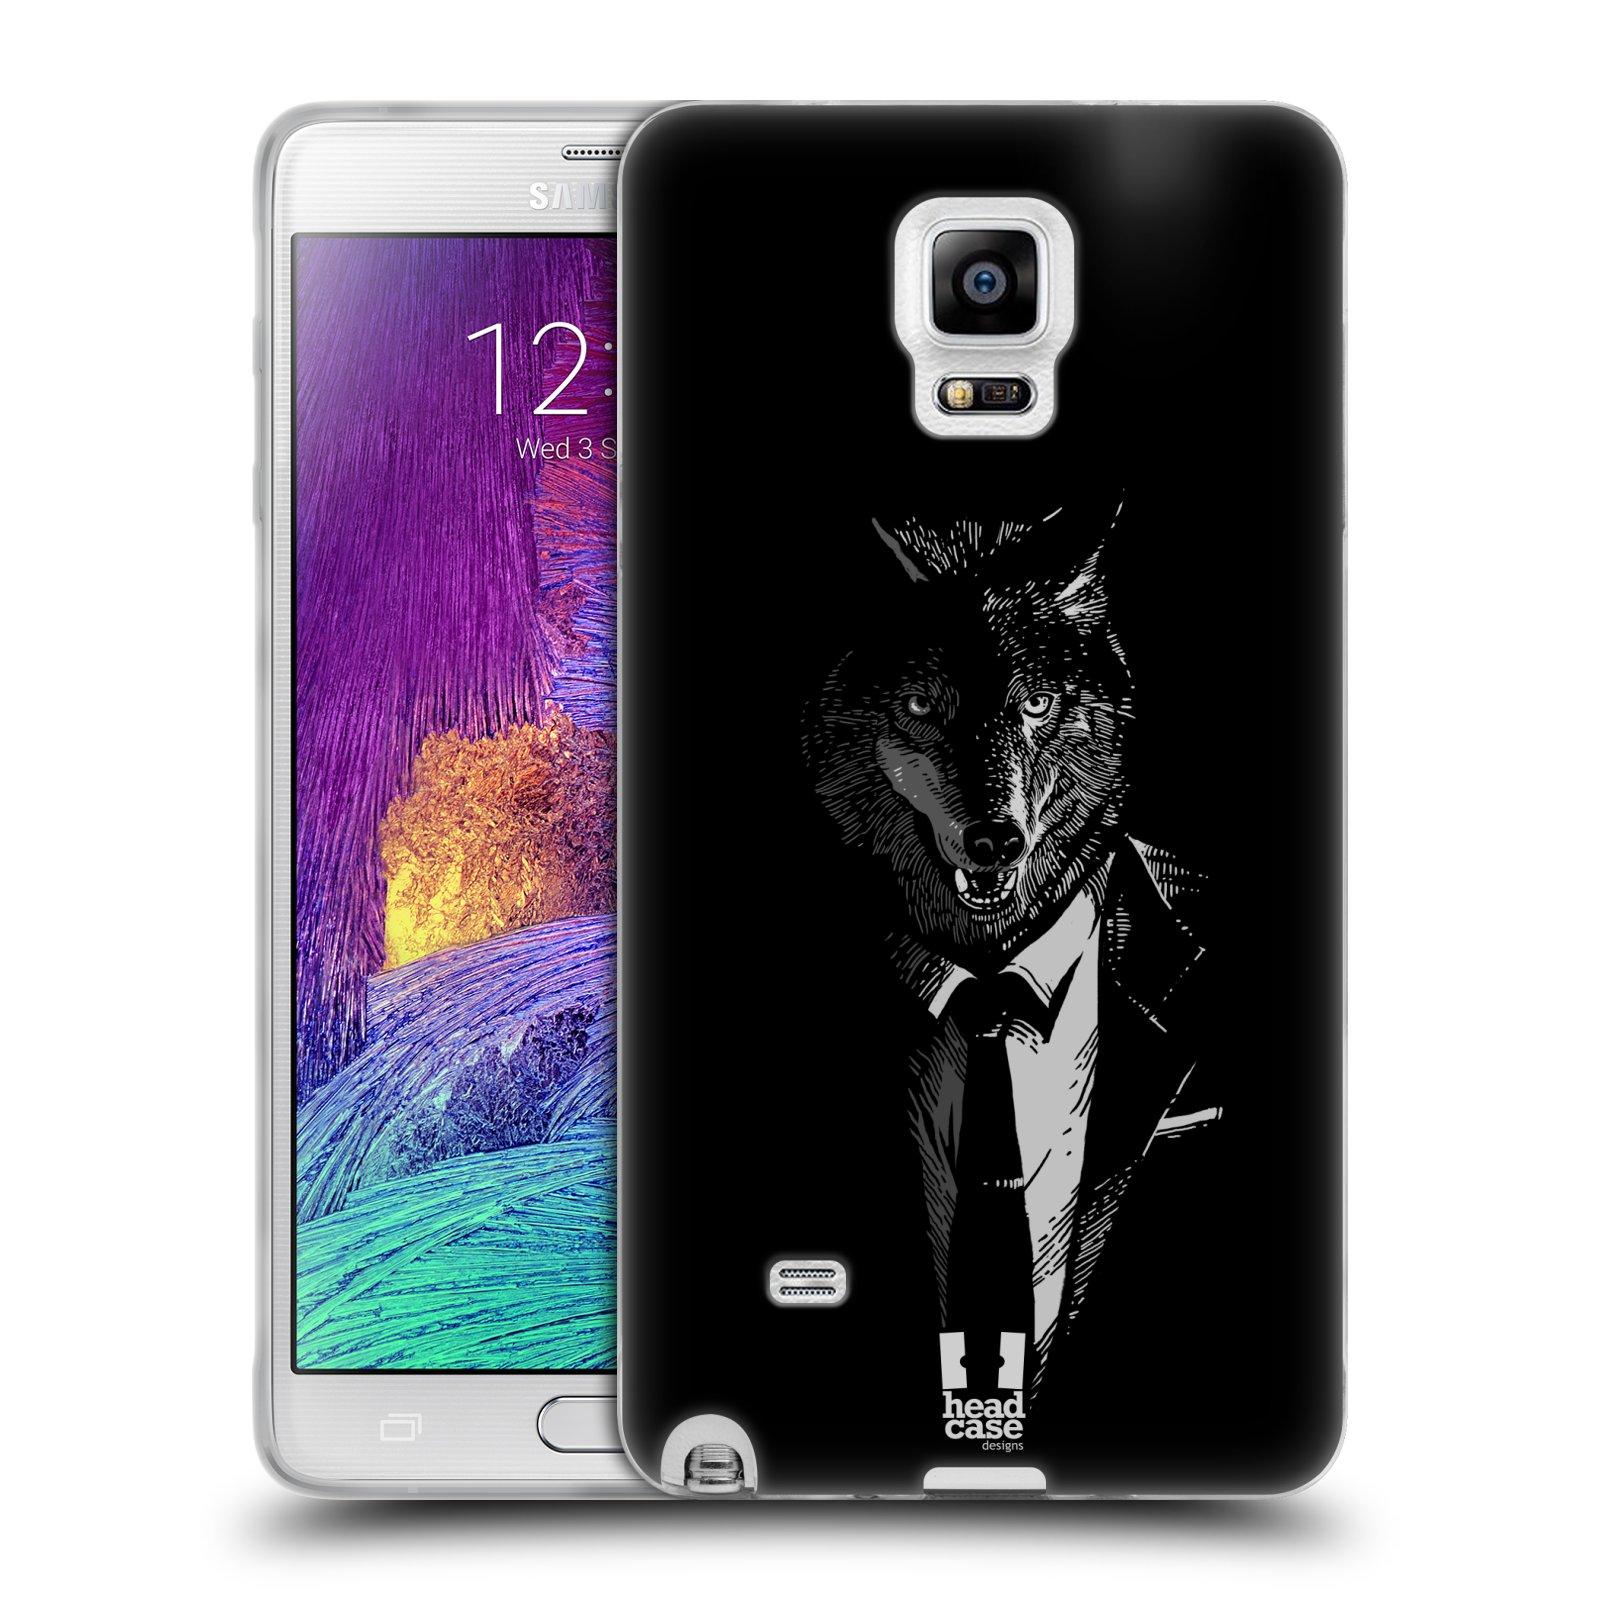 HEAD CASE silikonový obal na mobil Samsung Galaxy Note 4 (N910) vzor Zvíře v obleku vlk